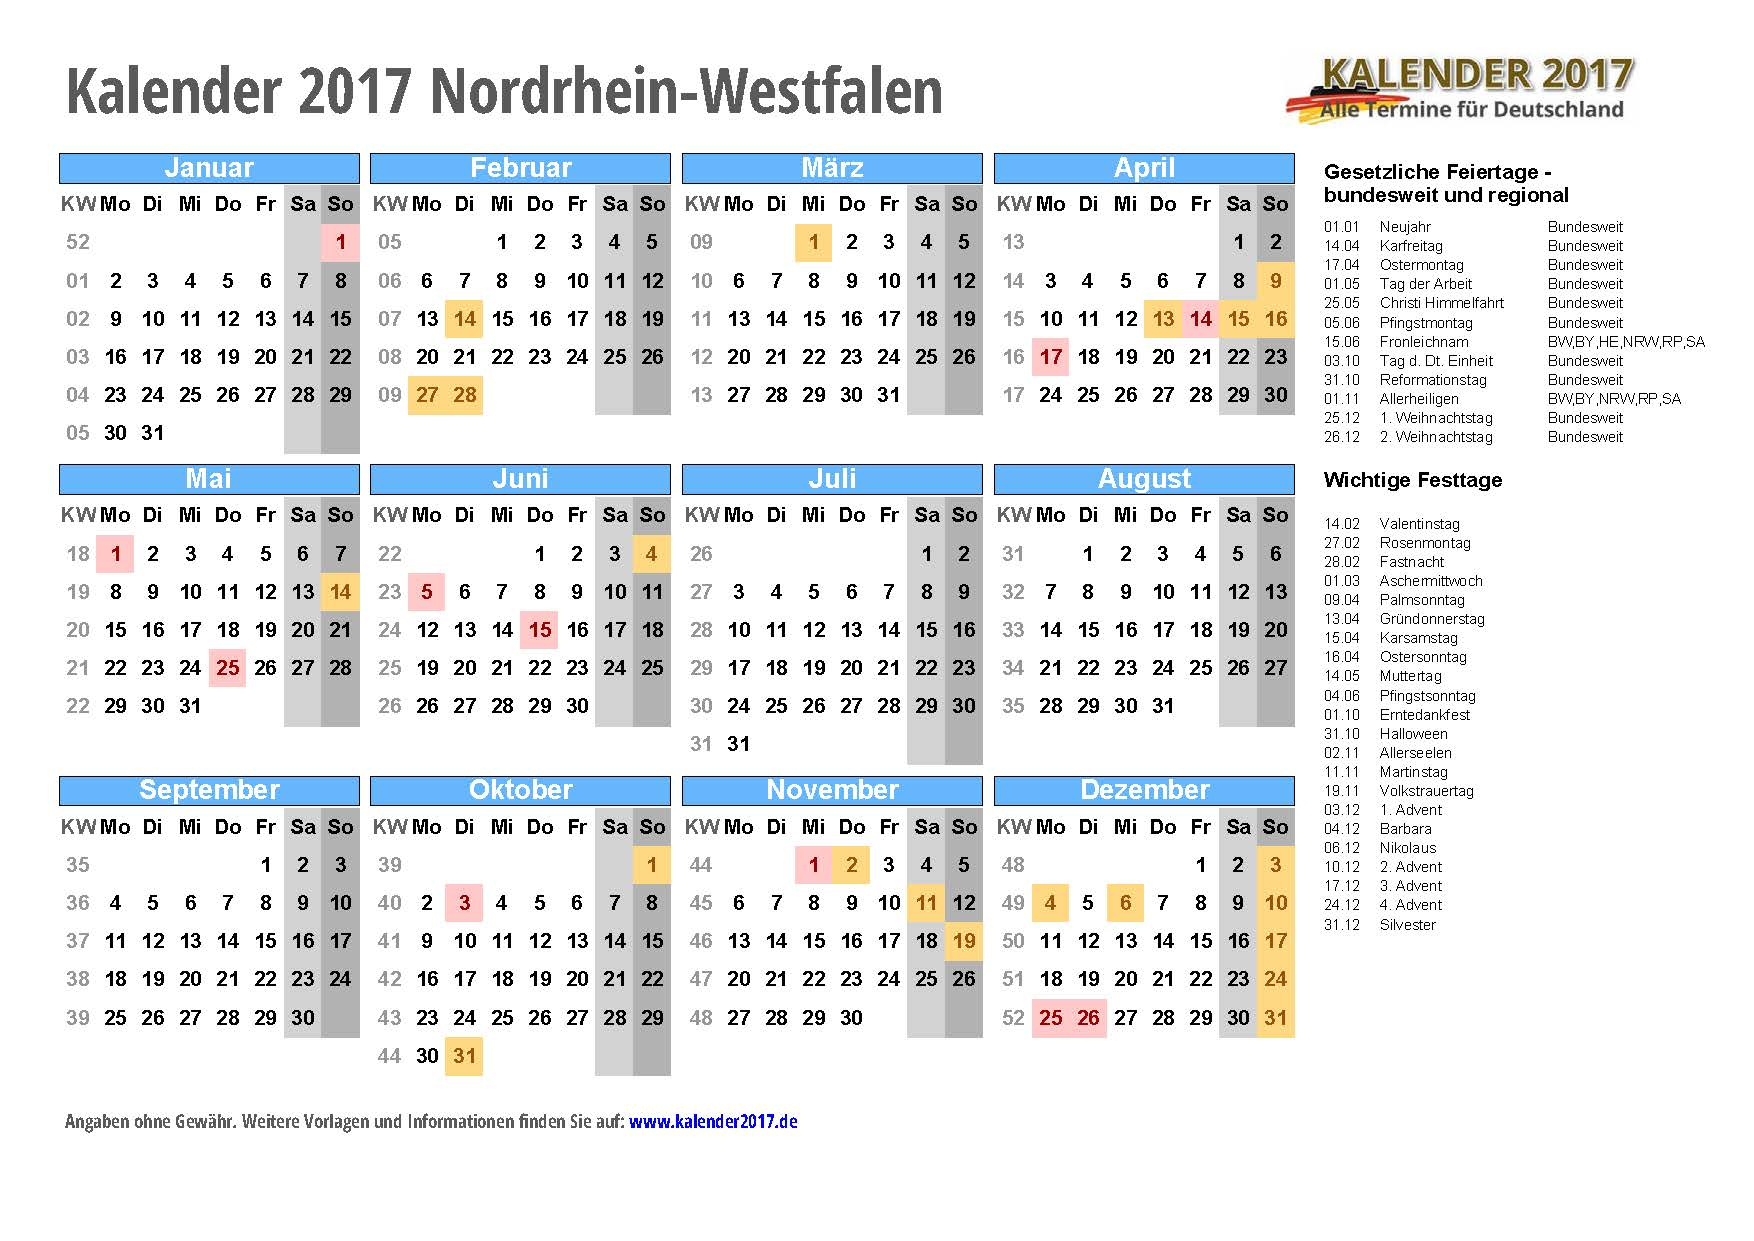 kalender-2017-Nordrhein-Westfalen-m.jpg